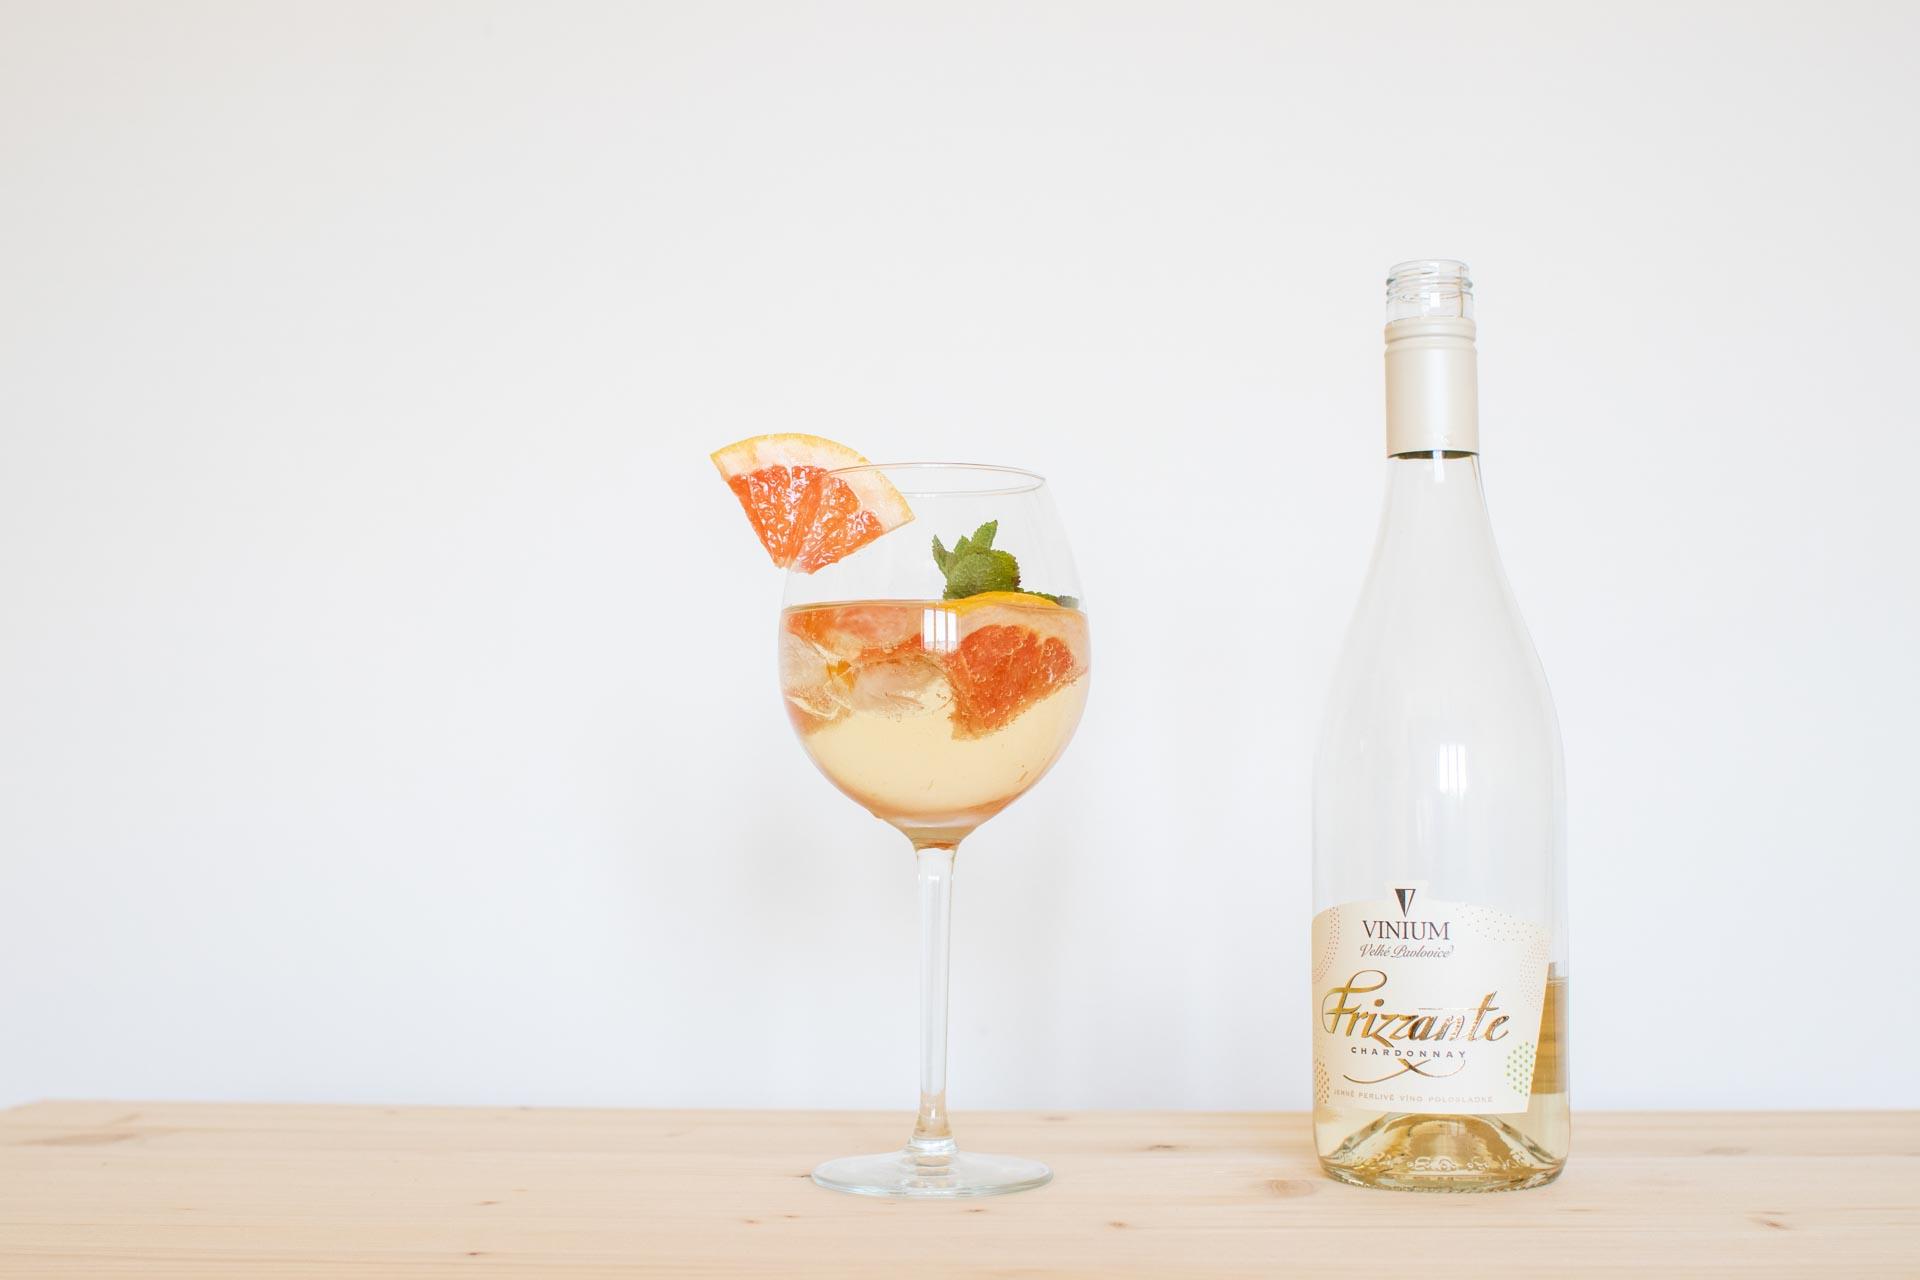 Letní drinky, Frizzante, grep, léto, osvěžení, VINIUM